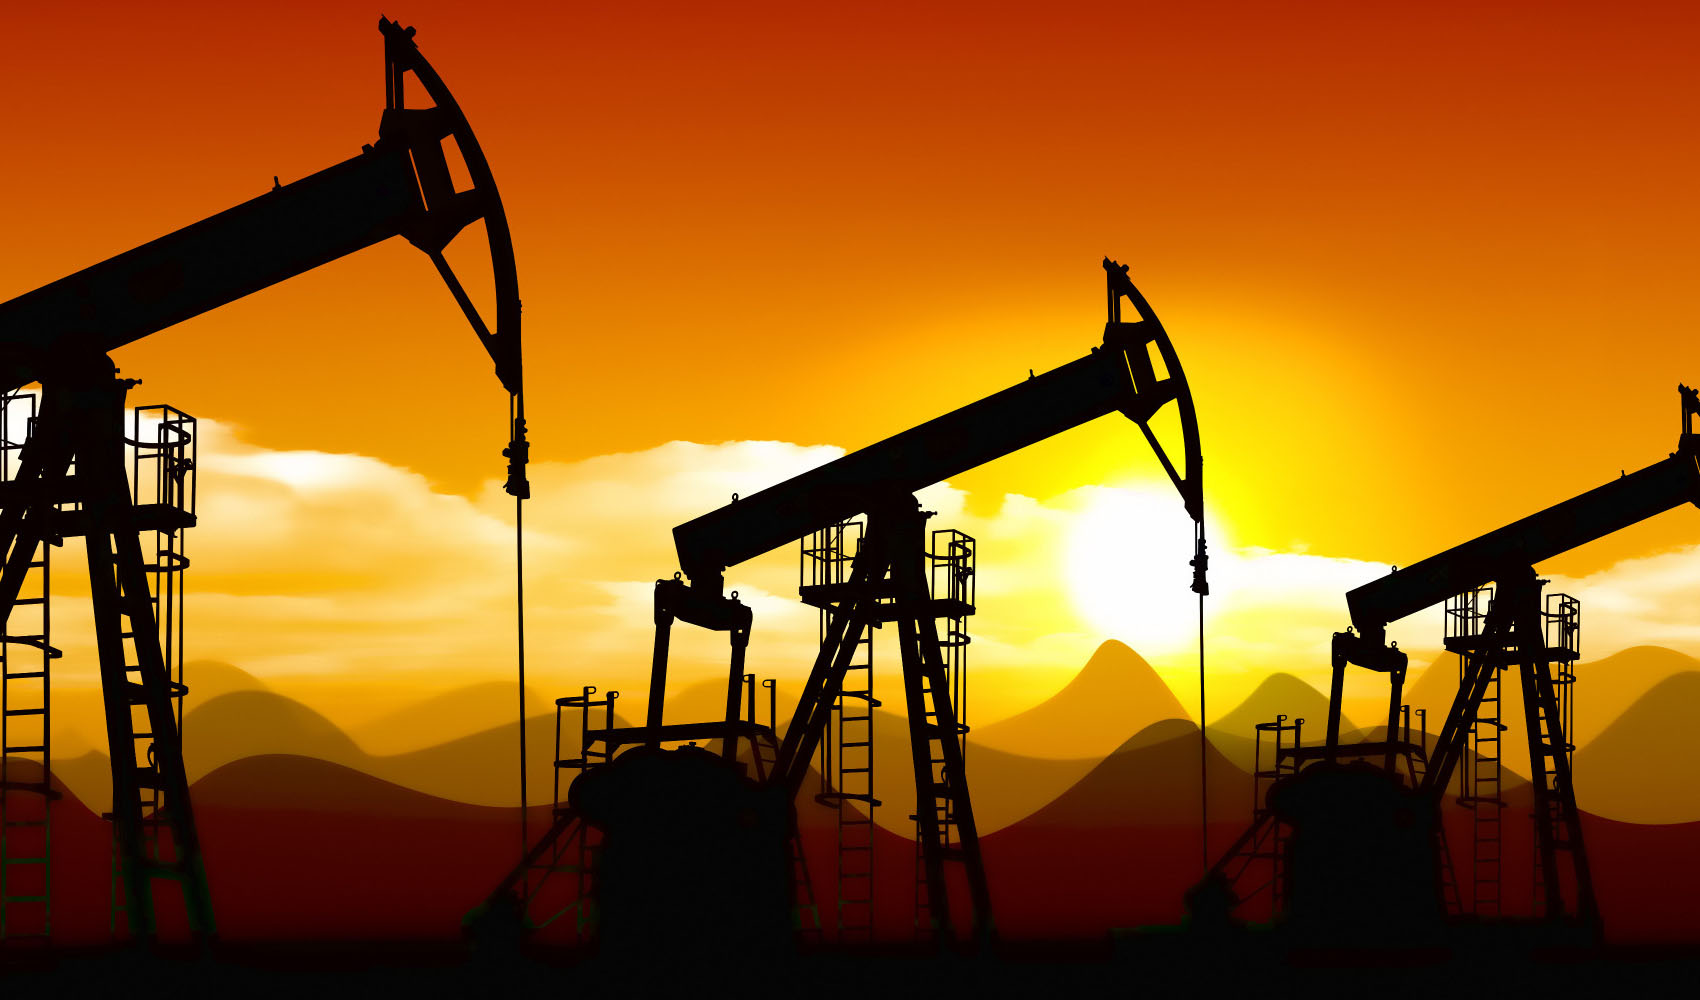 روسیه دومین تولیدکننده بزرگ نفت جهان شد